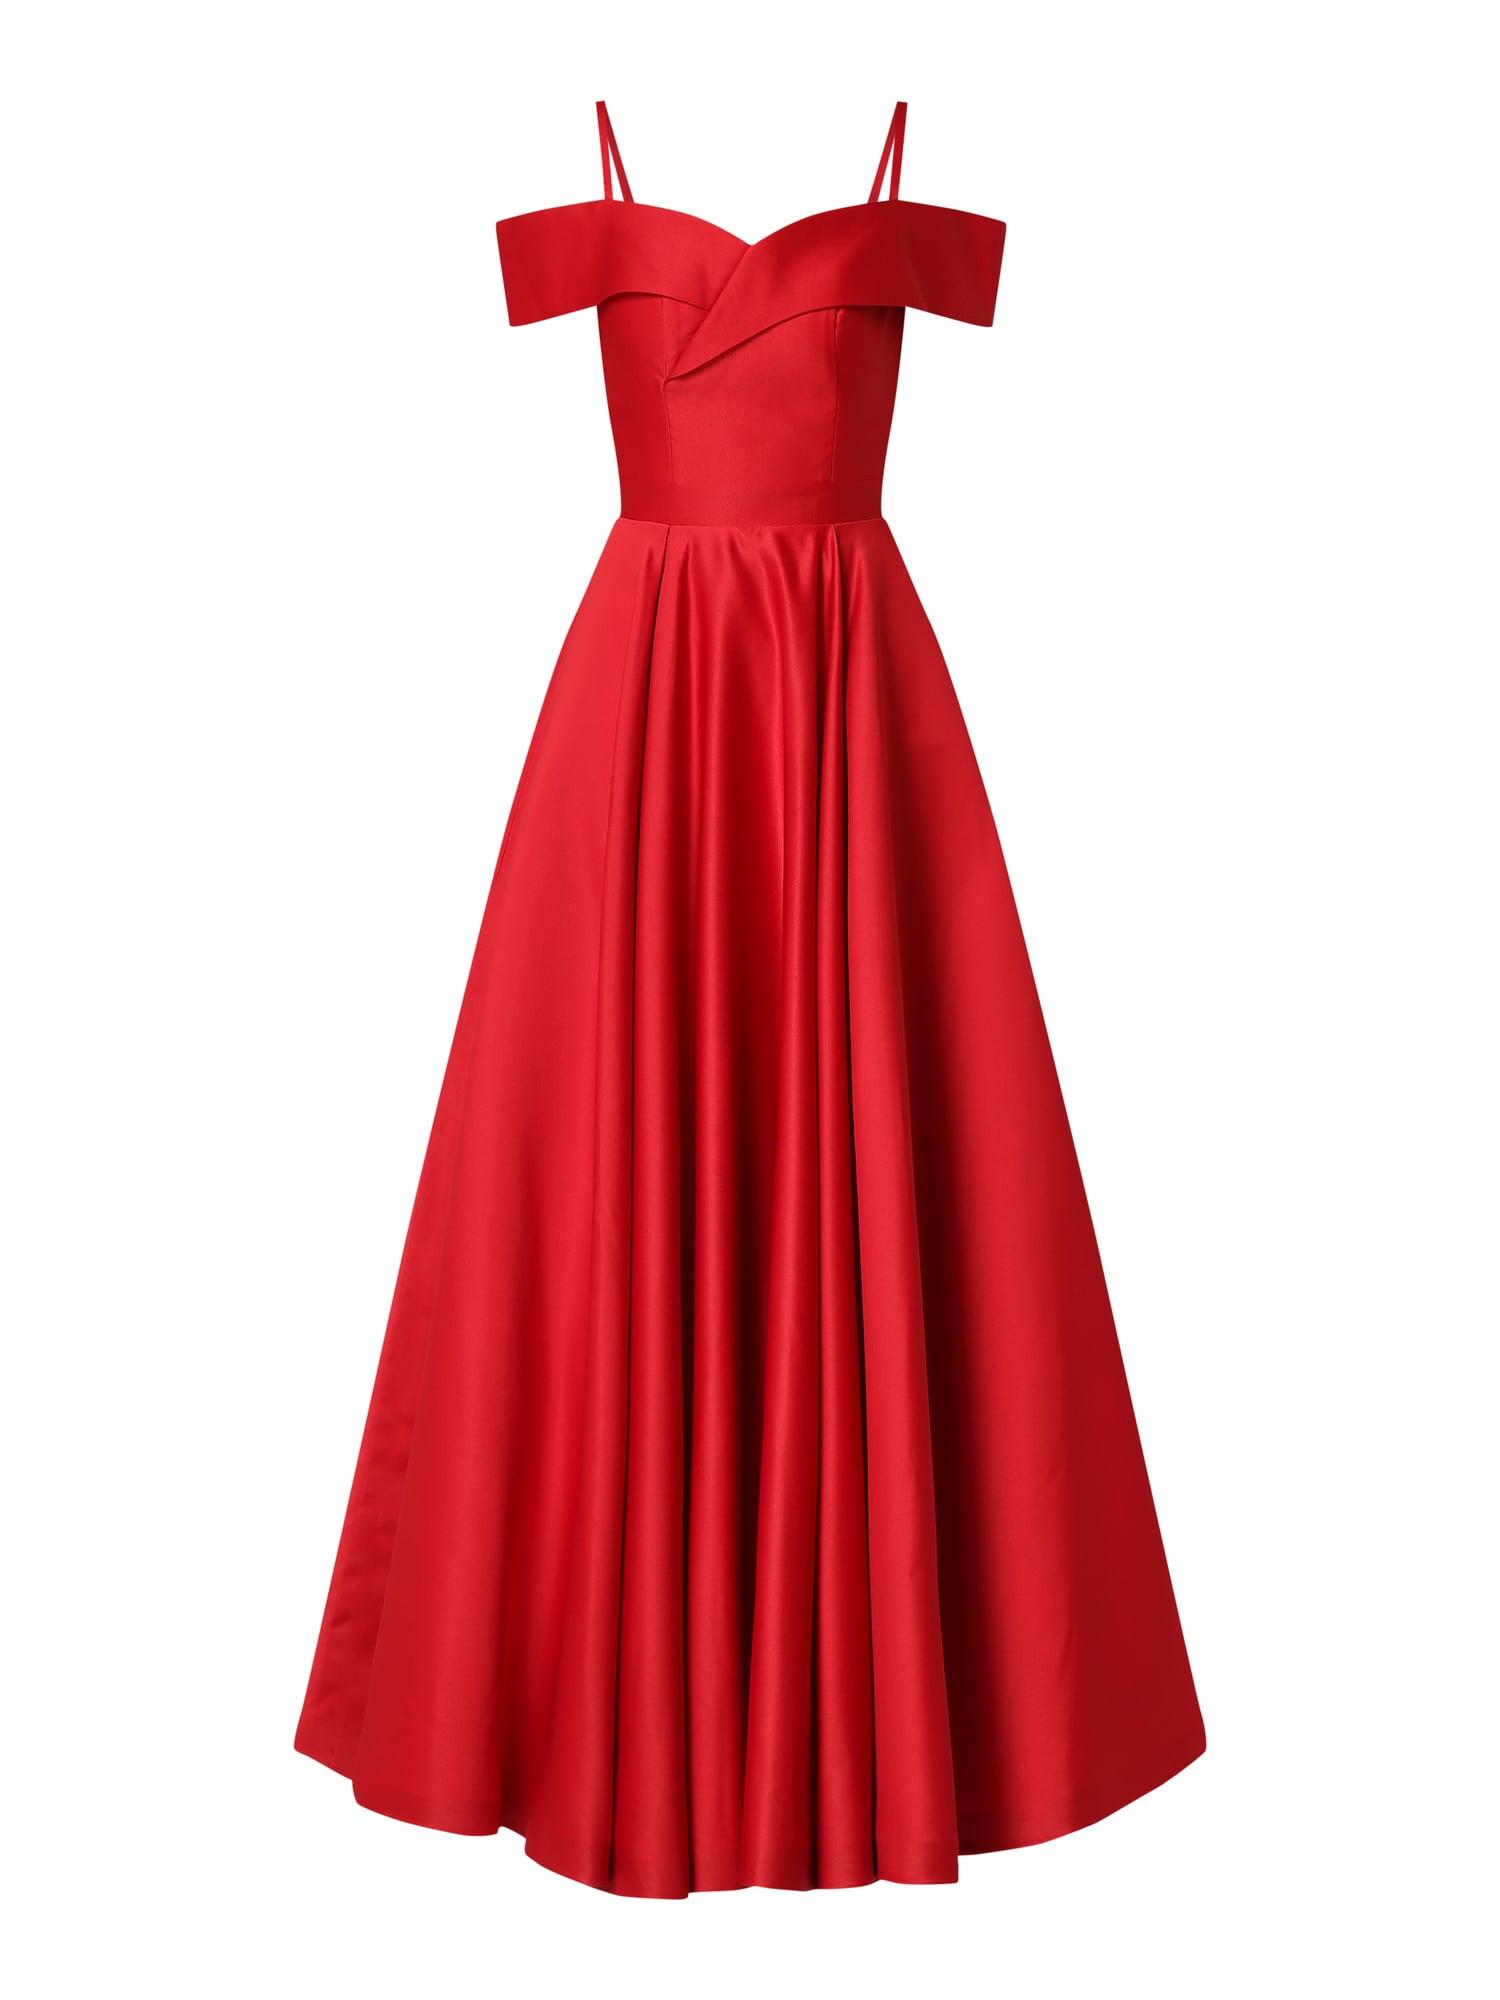 15 Ausgezeichnet Rote Abend Kleid DesignDesigner Genial Rote Abend Kleid Boutique